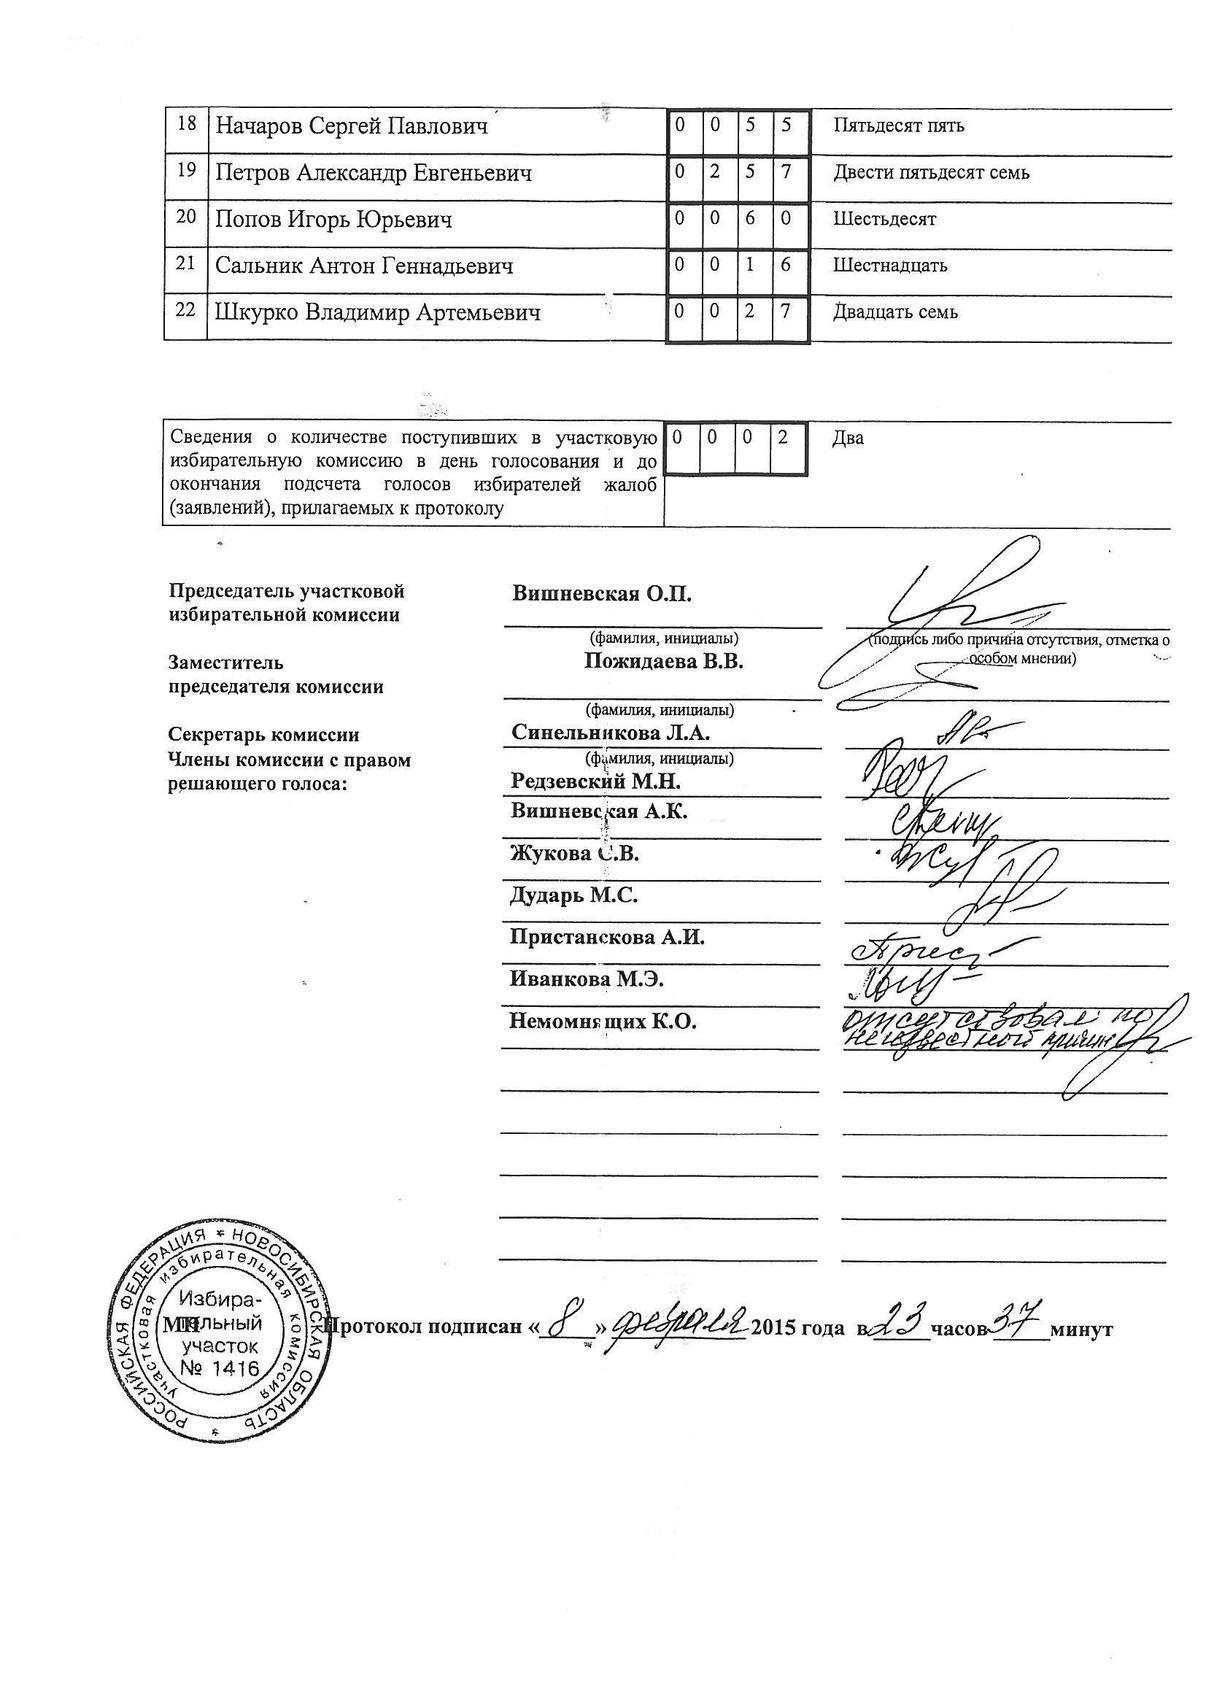 УИК №1416_2